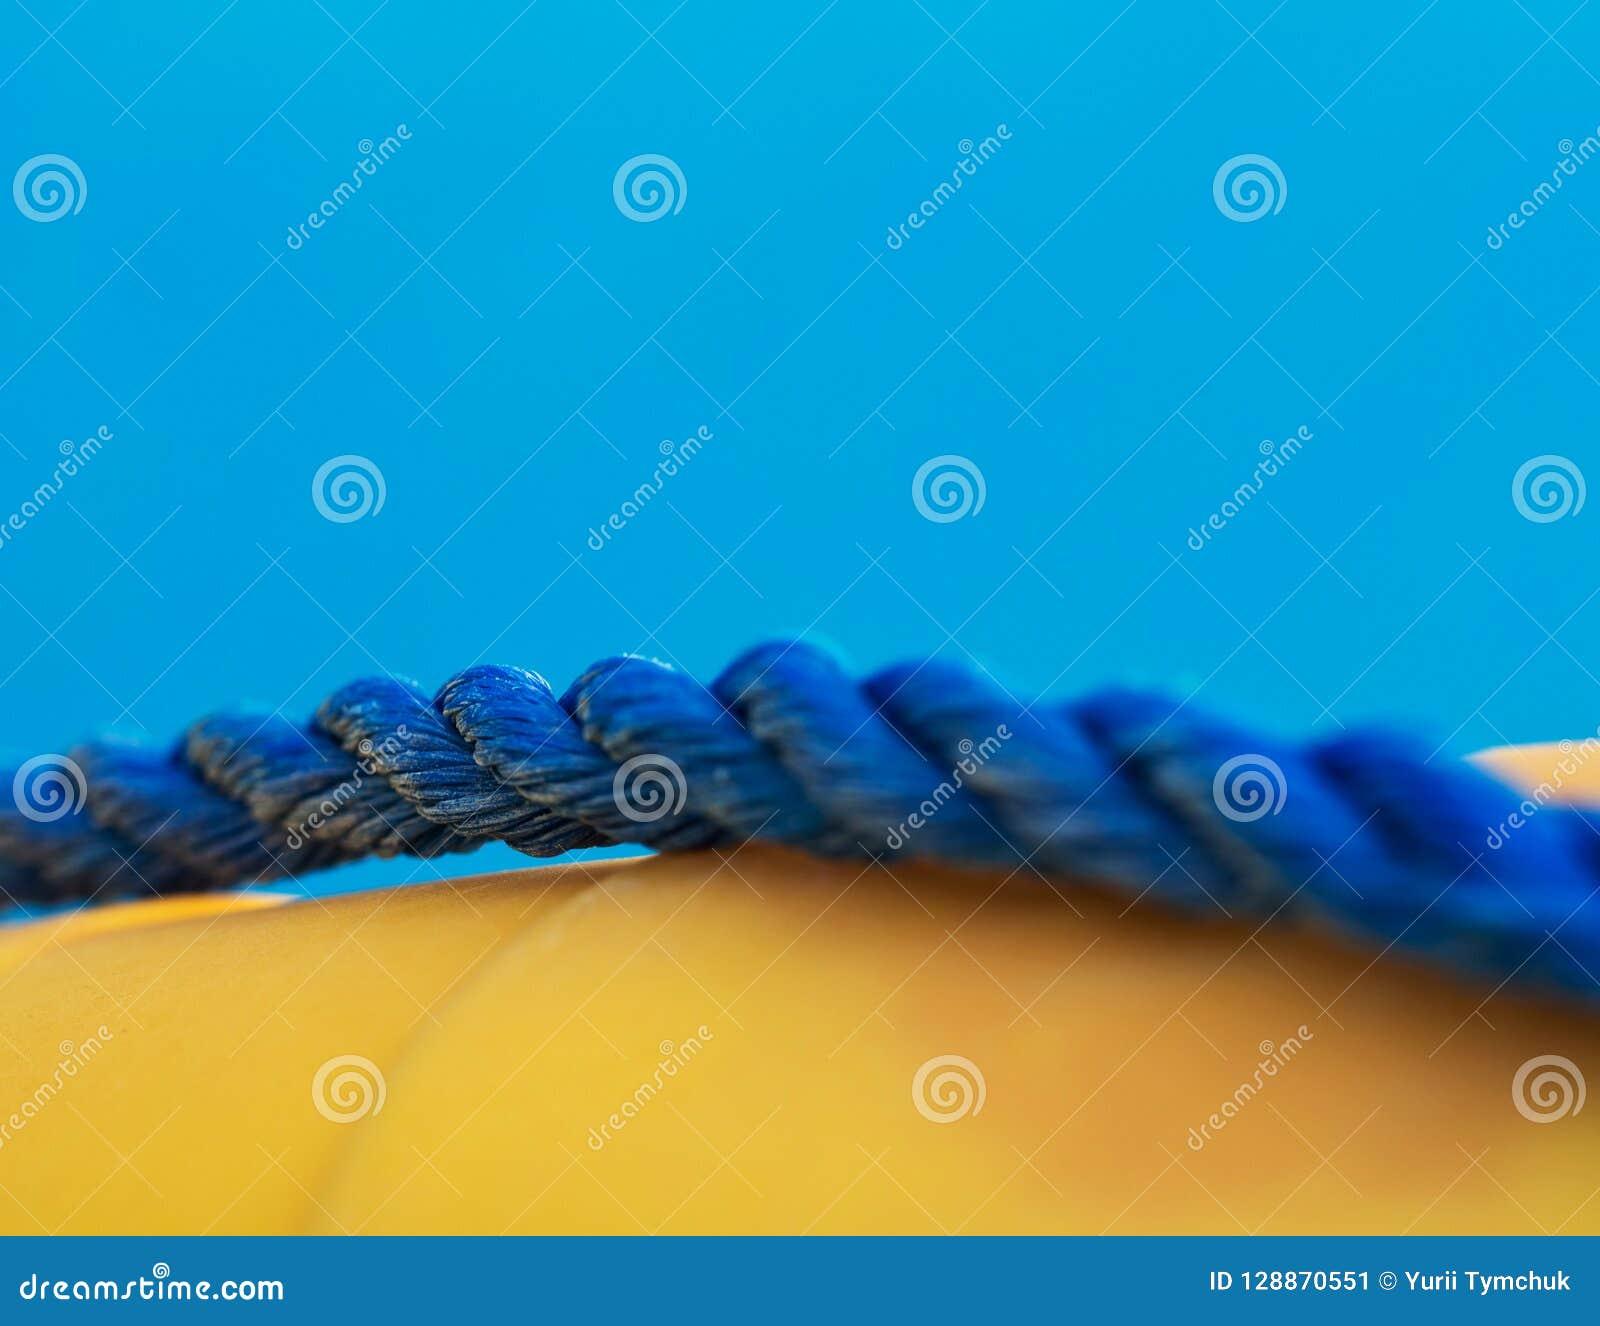 Nahaufnahme des blauen verdrehten Marineseils auf gelbem Rettungsring, flache Abteilung des Feldes